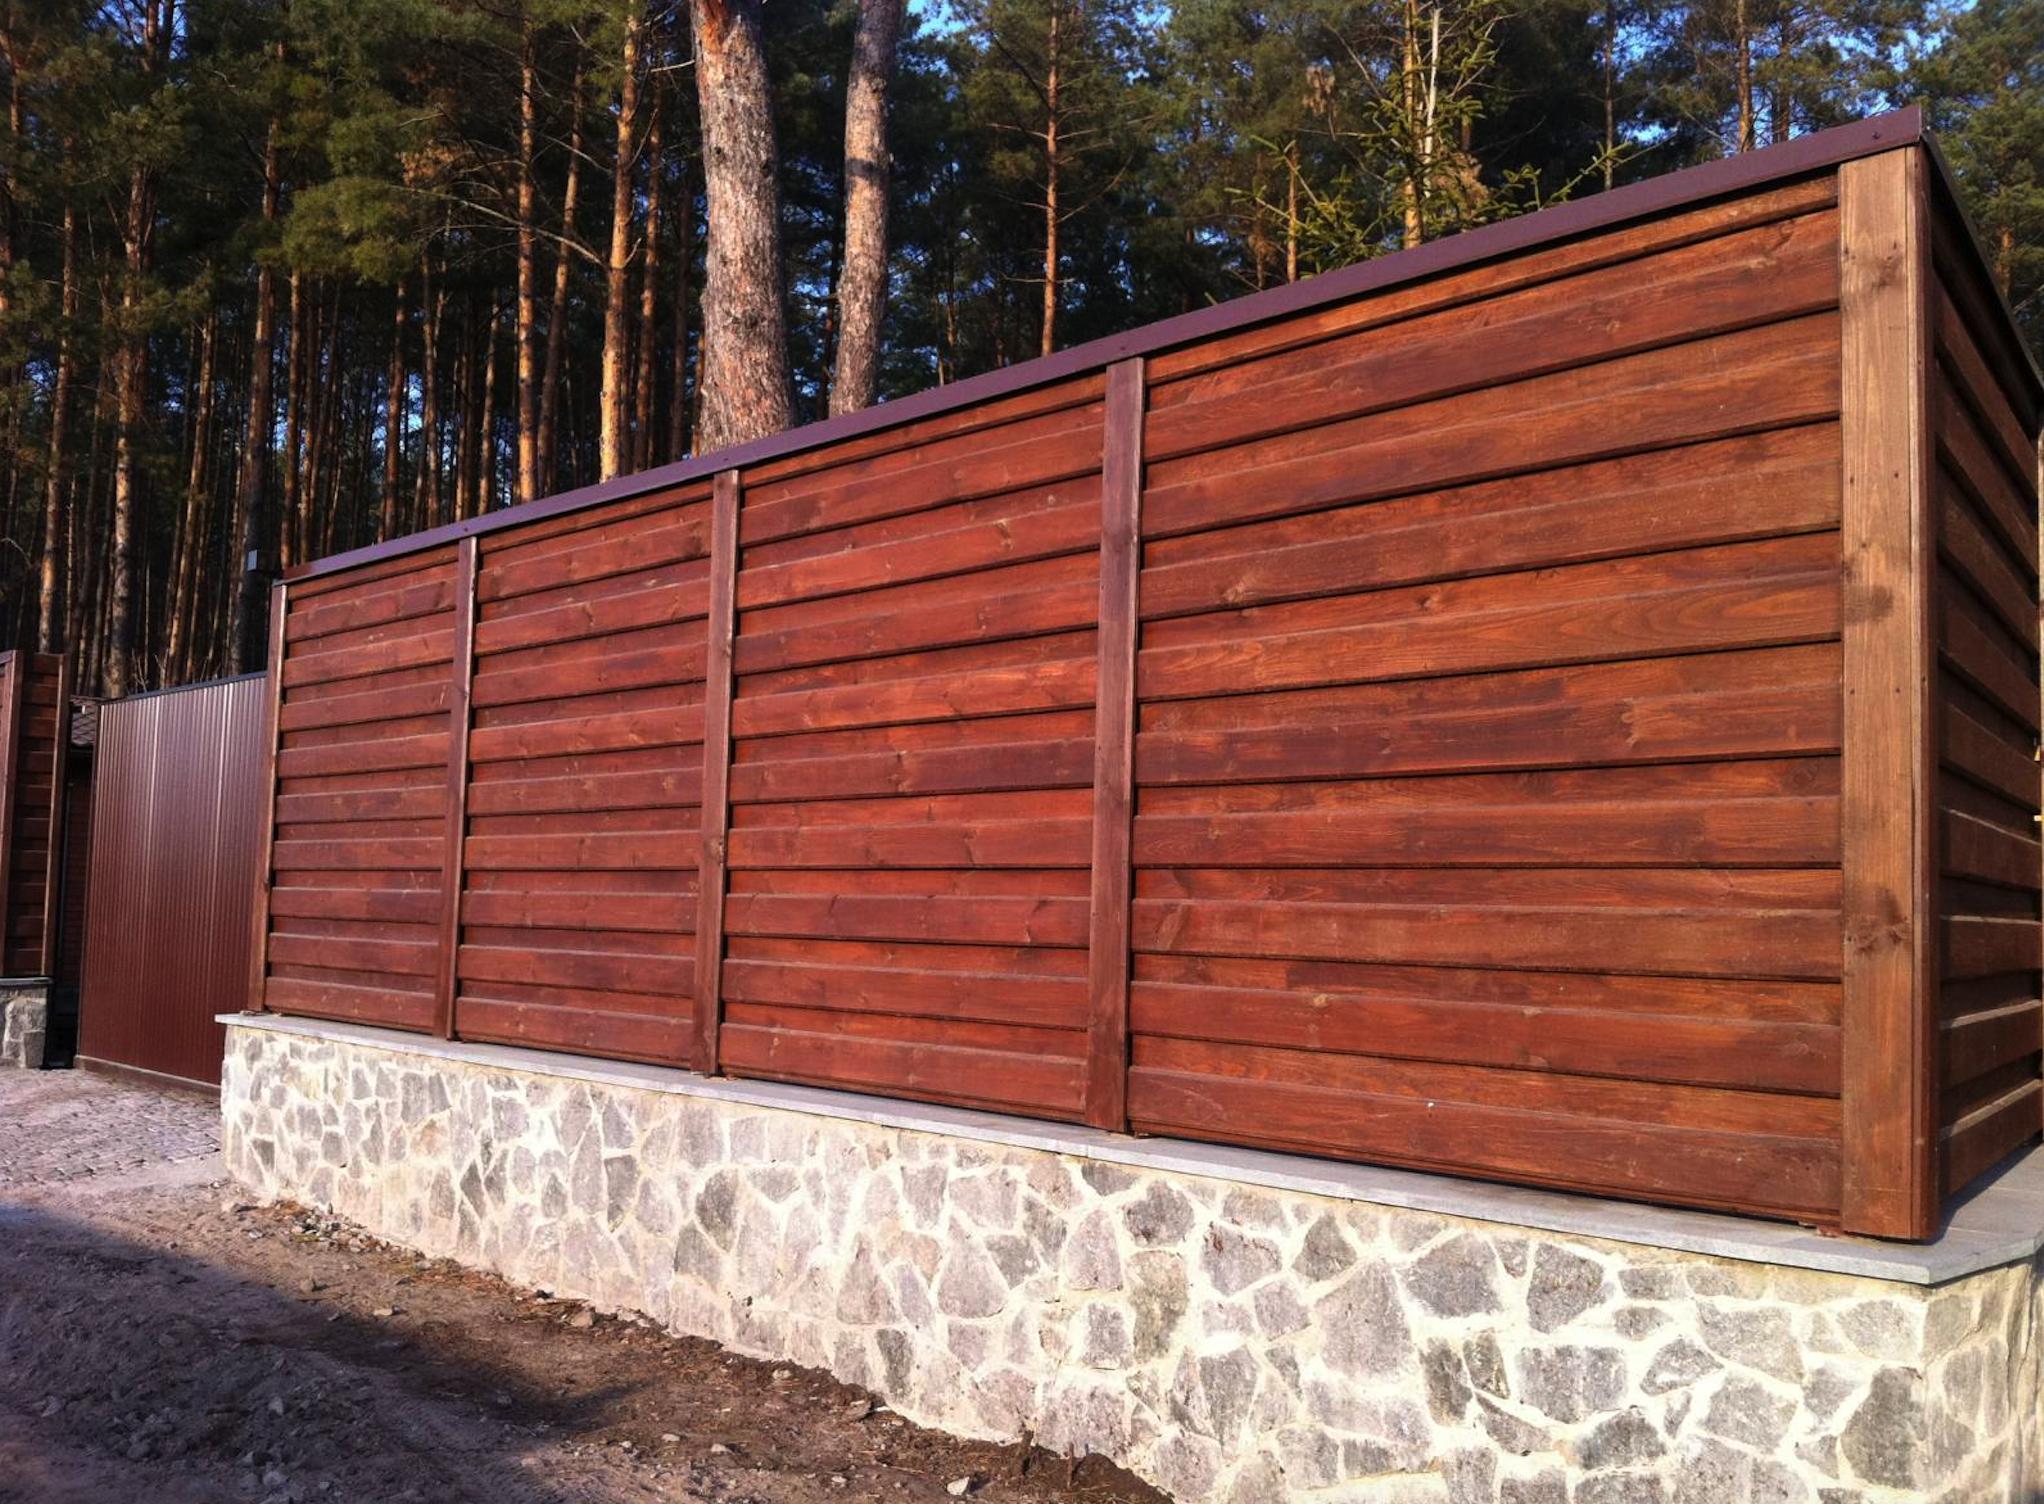 деревянный забор из обрезной доски